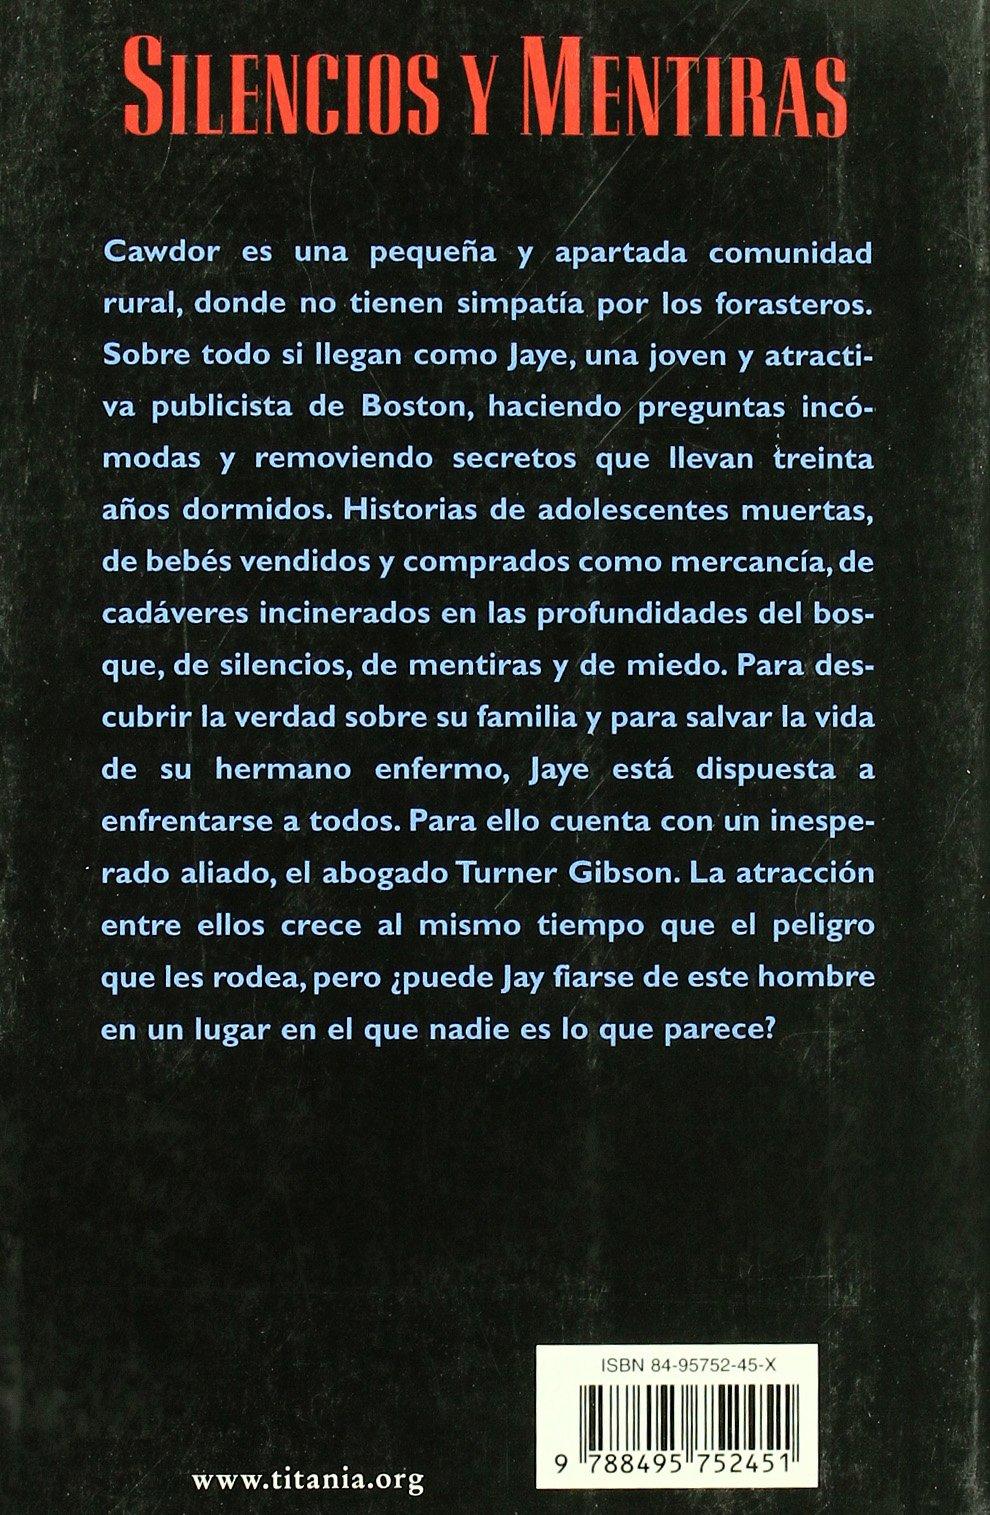 Silencios y Mentiras (Spanish Edition): Bethany Campbell, Isabel De Miquel: 9788495752451: Amazon.com: Books